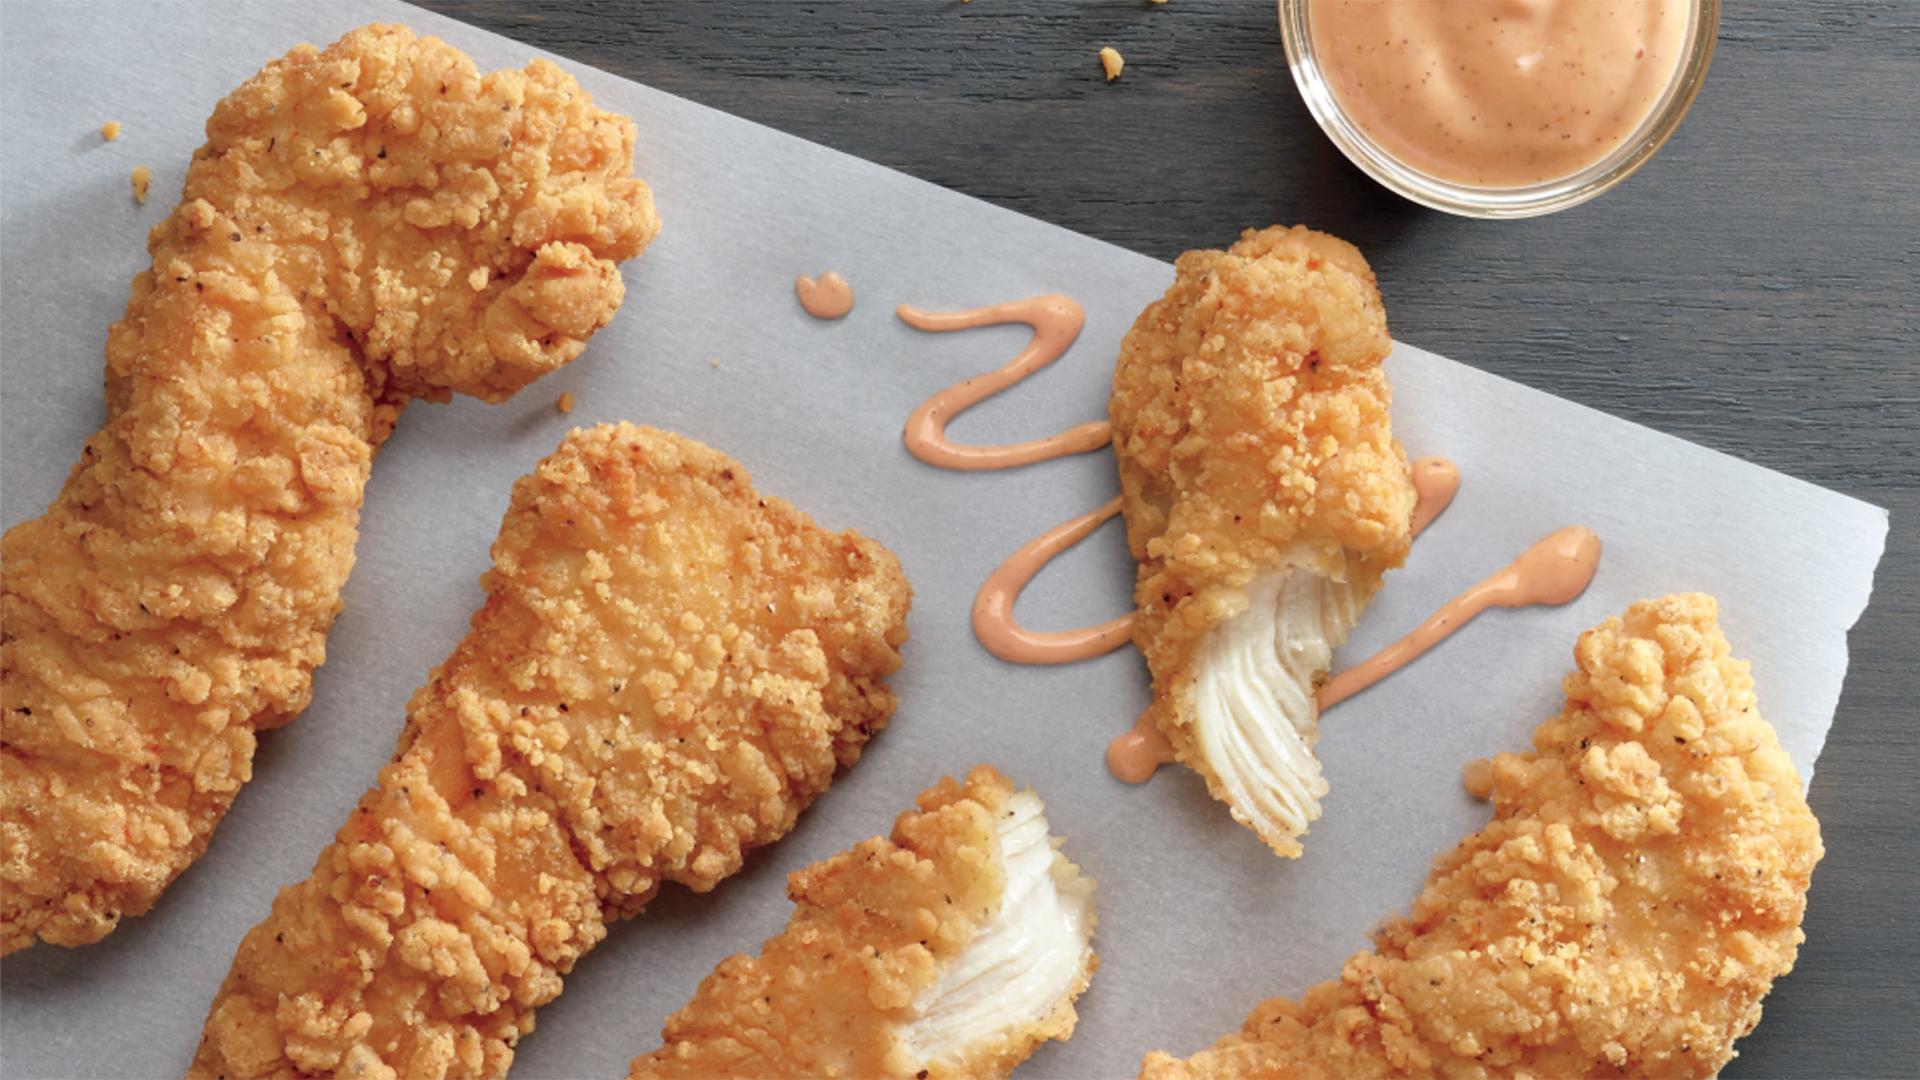 McDonaldu0027s Unveils Crispy Buttermilk Chicken Tenders   TODAY.com